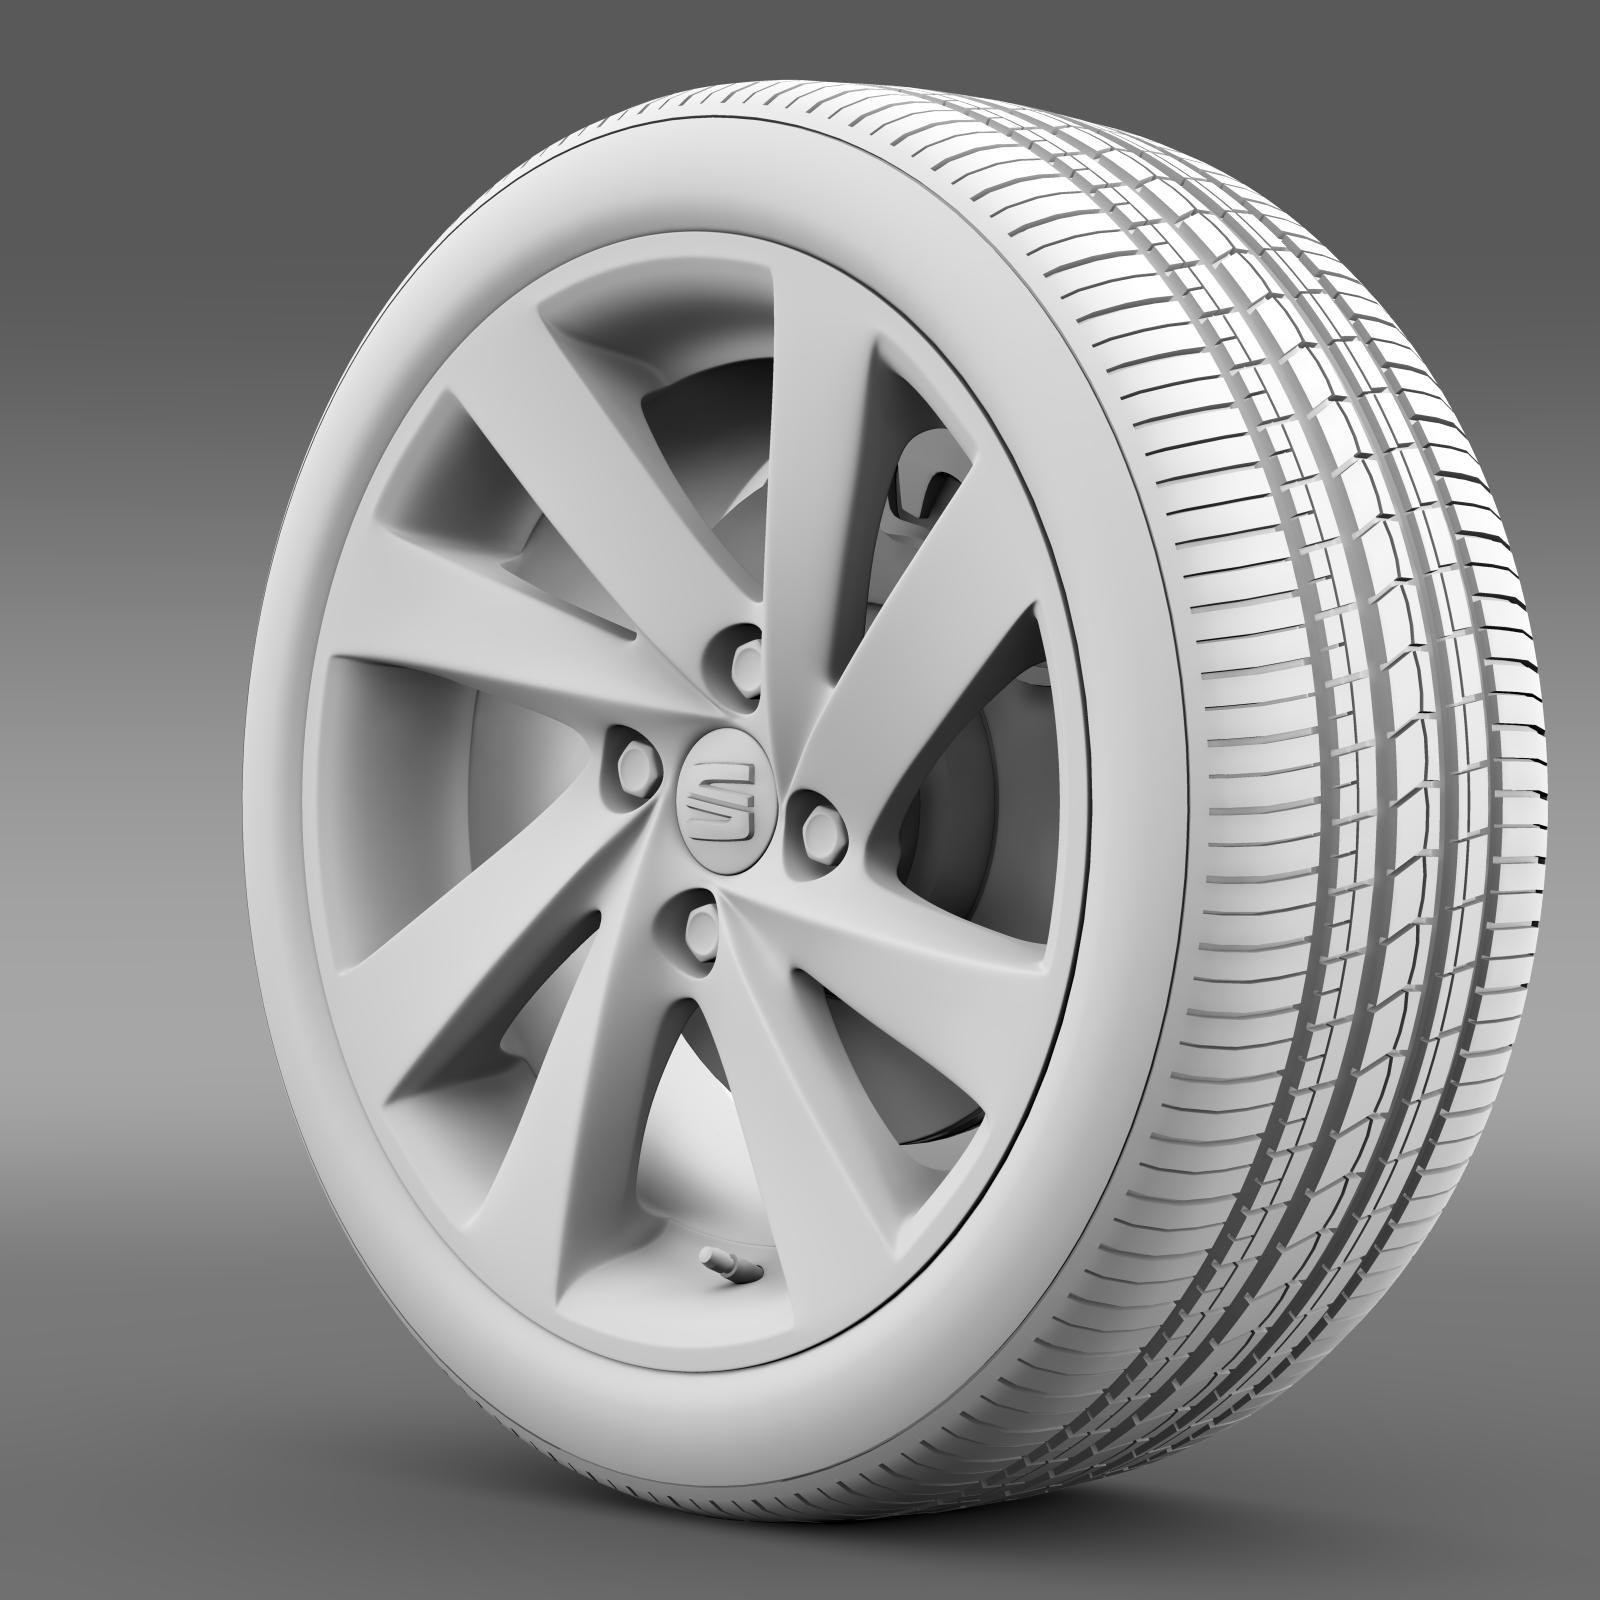 seat mii wheel 3d model 3ds max fbx c4d lwo ma mb hrc xsi obj 210862